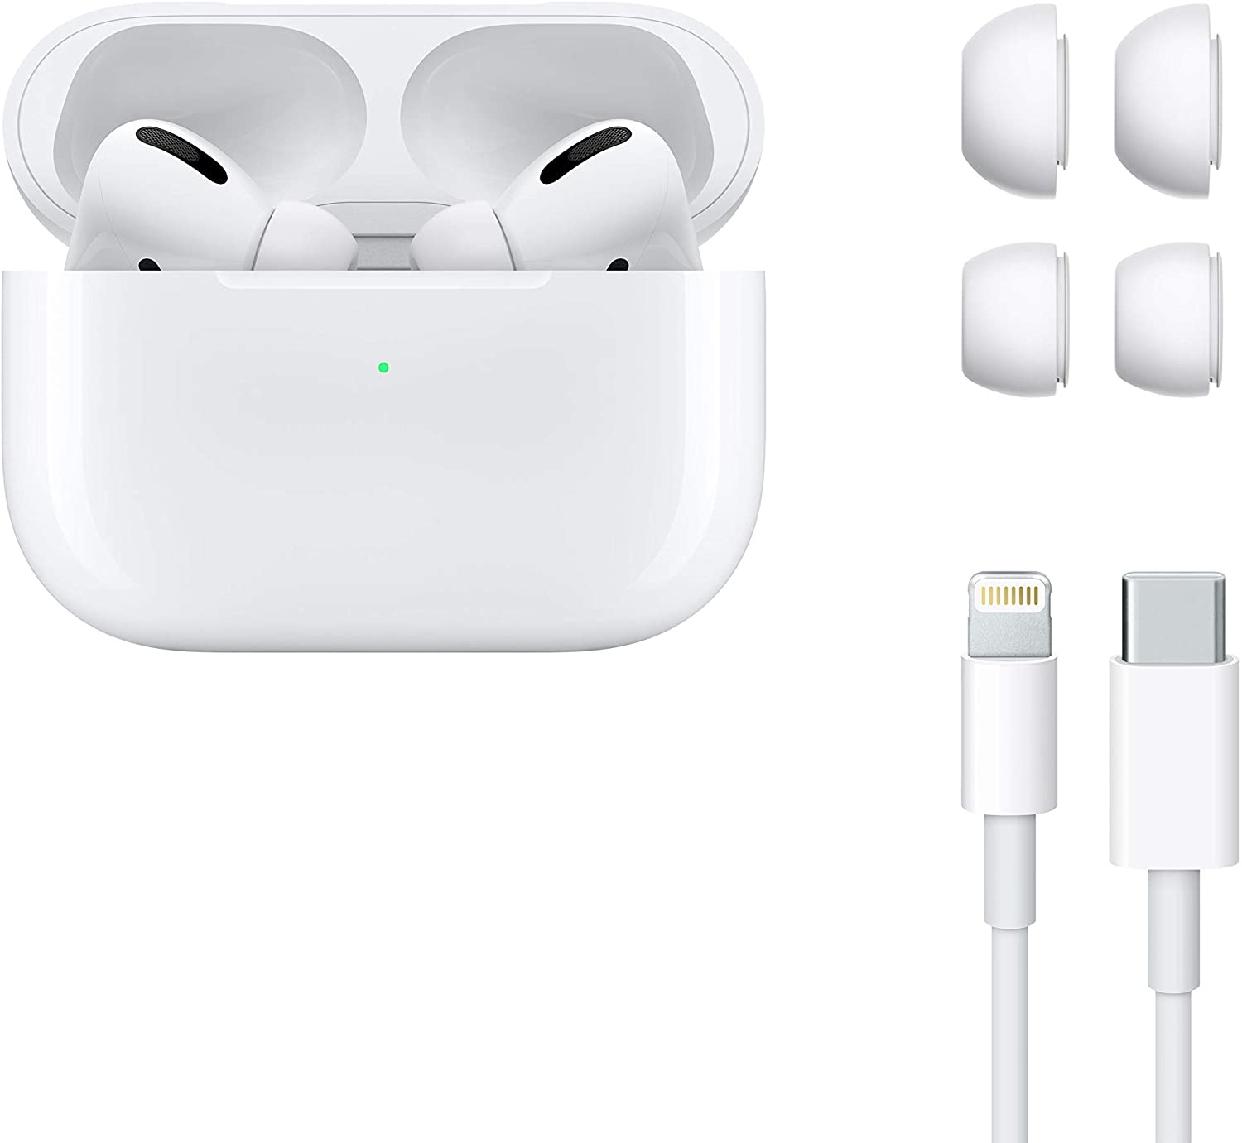 Apple(アップル) AirPods Proの商品画像7